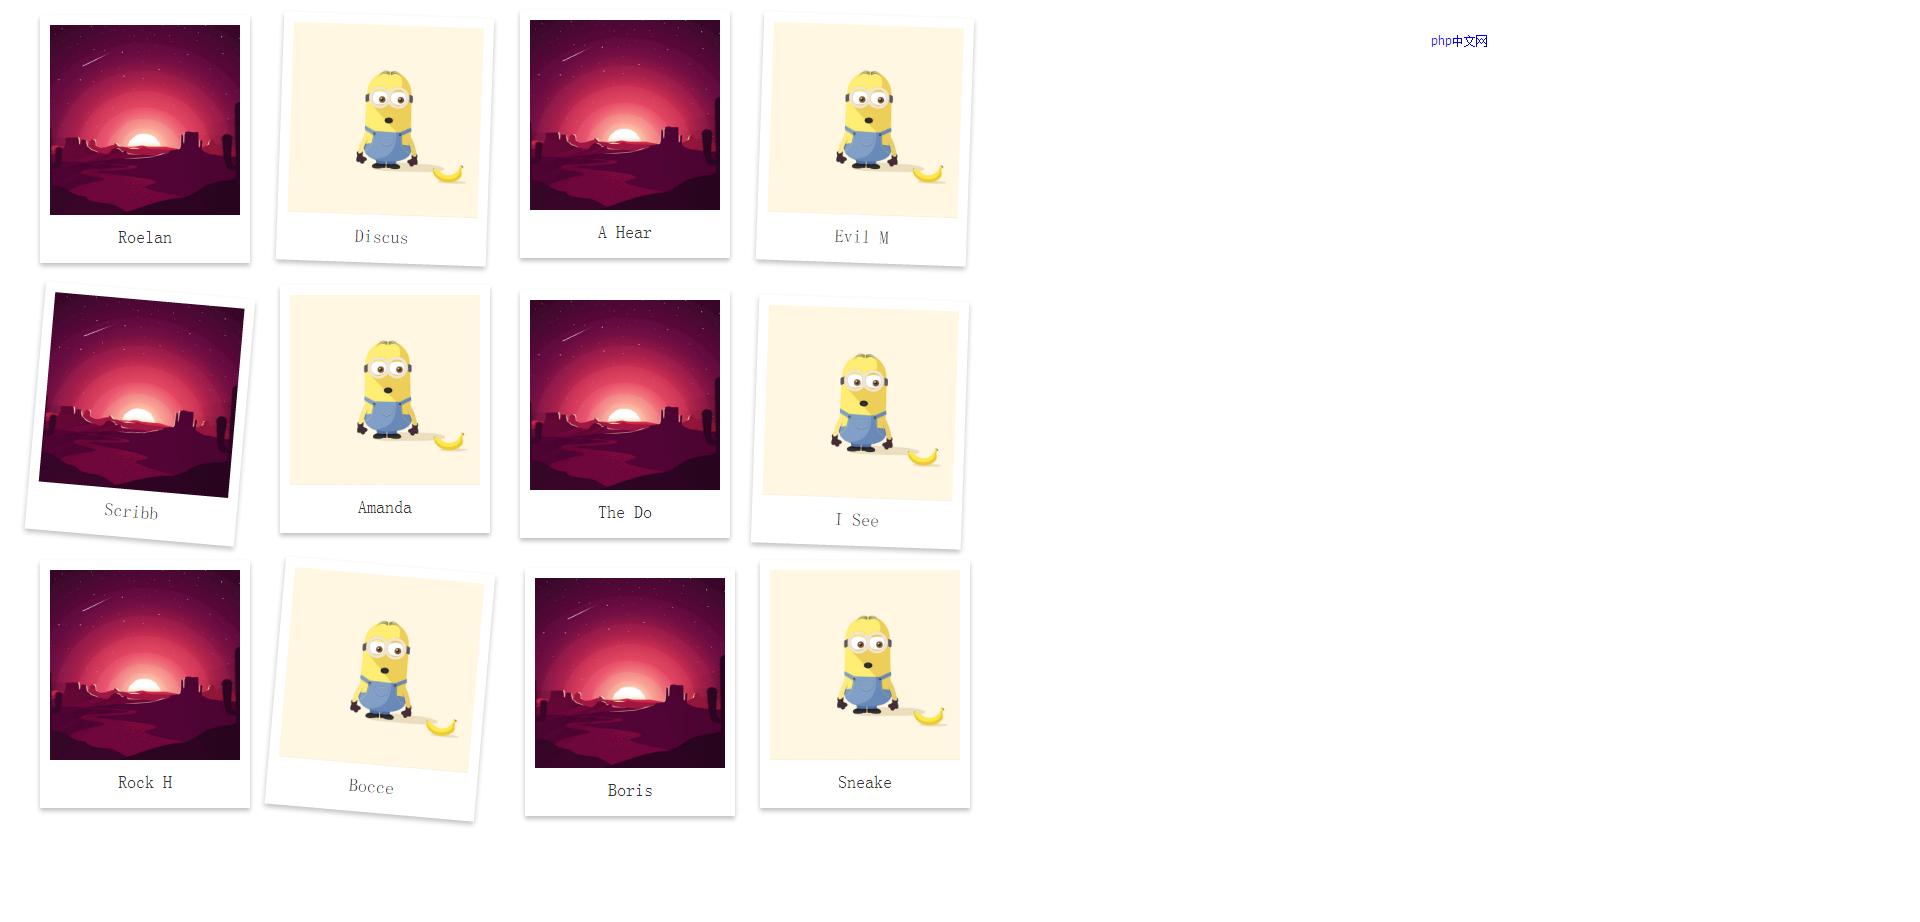 CSS3鼠标悬停图片放大效果特效